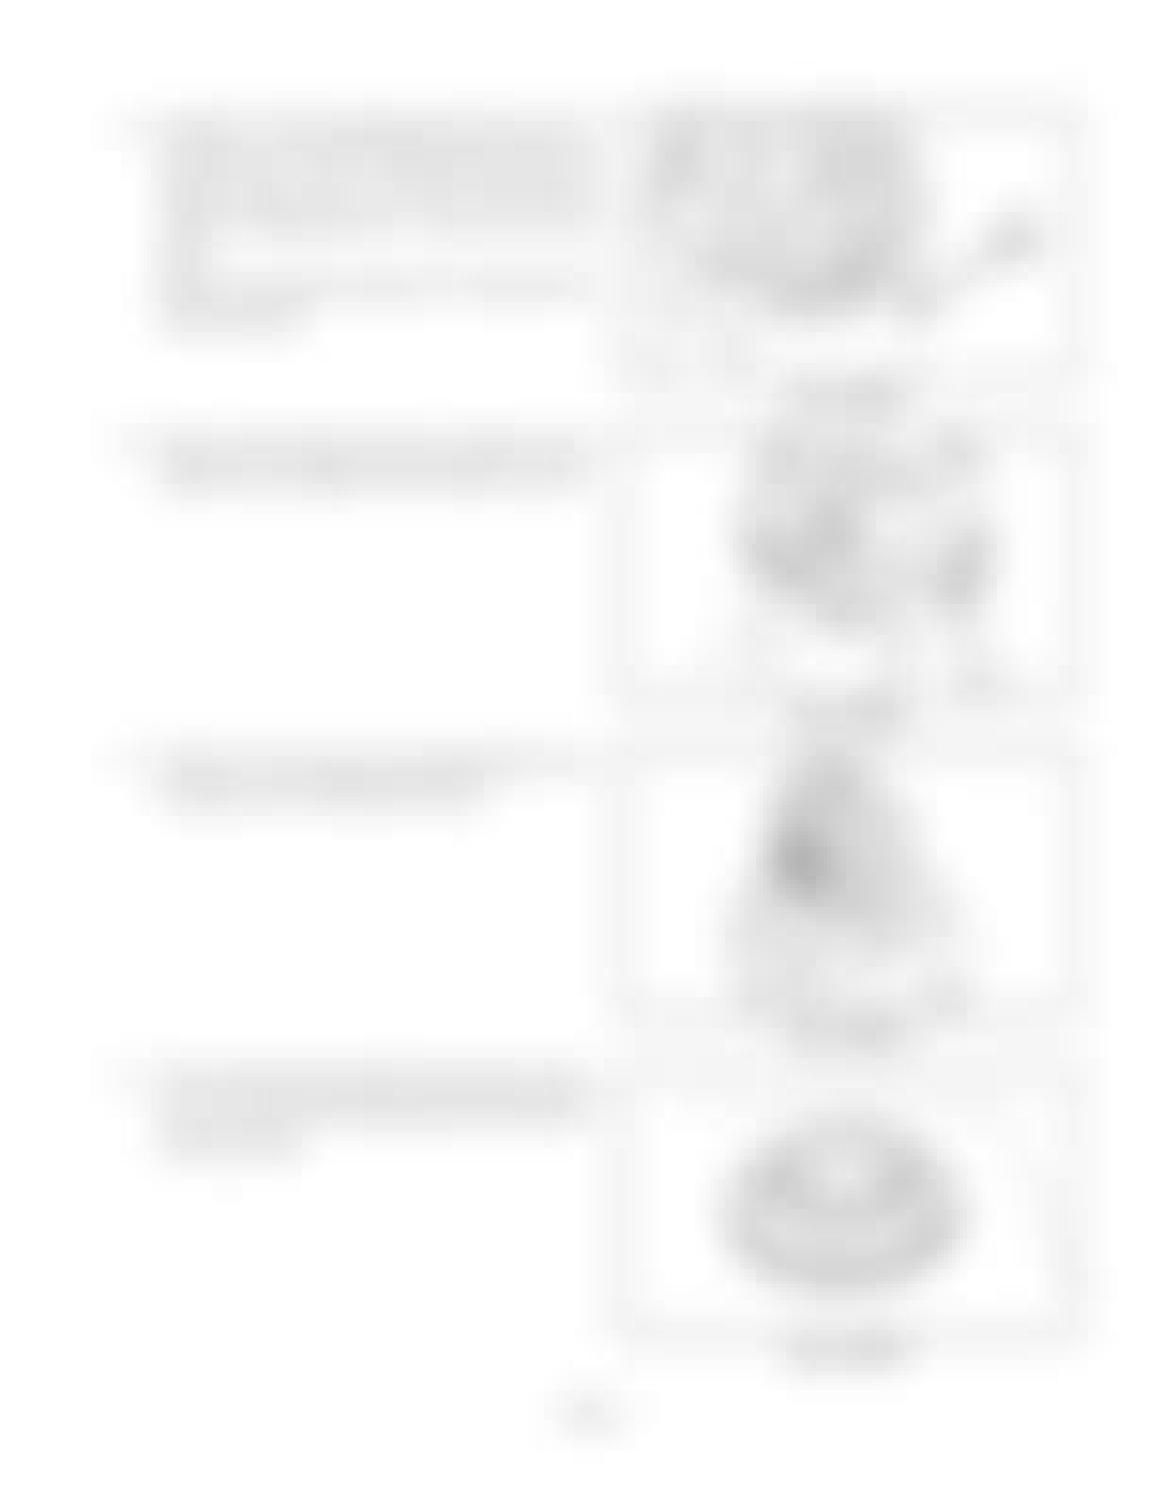 Hitachi LX110-7 LX130-7 LX160-7 LX190-7 LX230-7 Wheel Loader Workshop Manual - PDF DOWNLOAD page 195